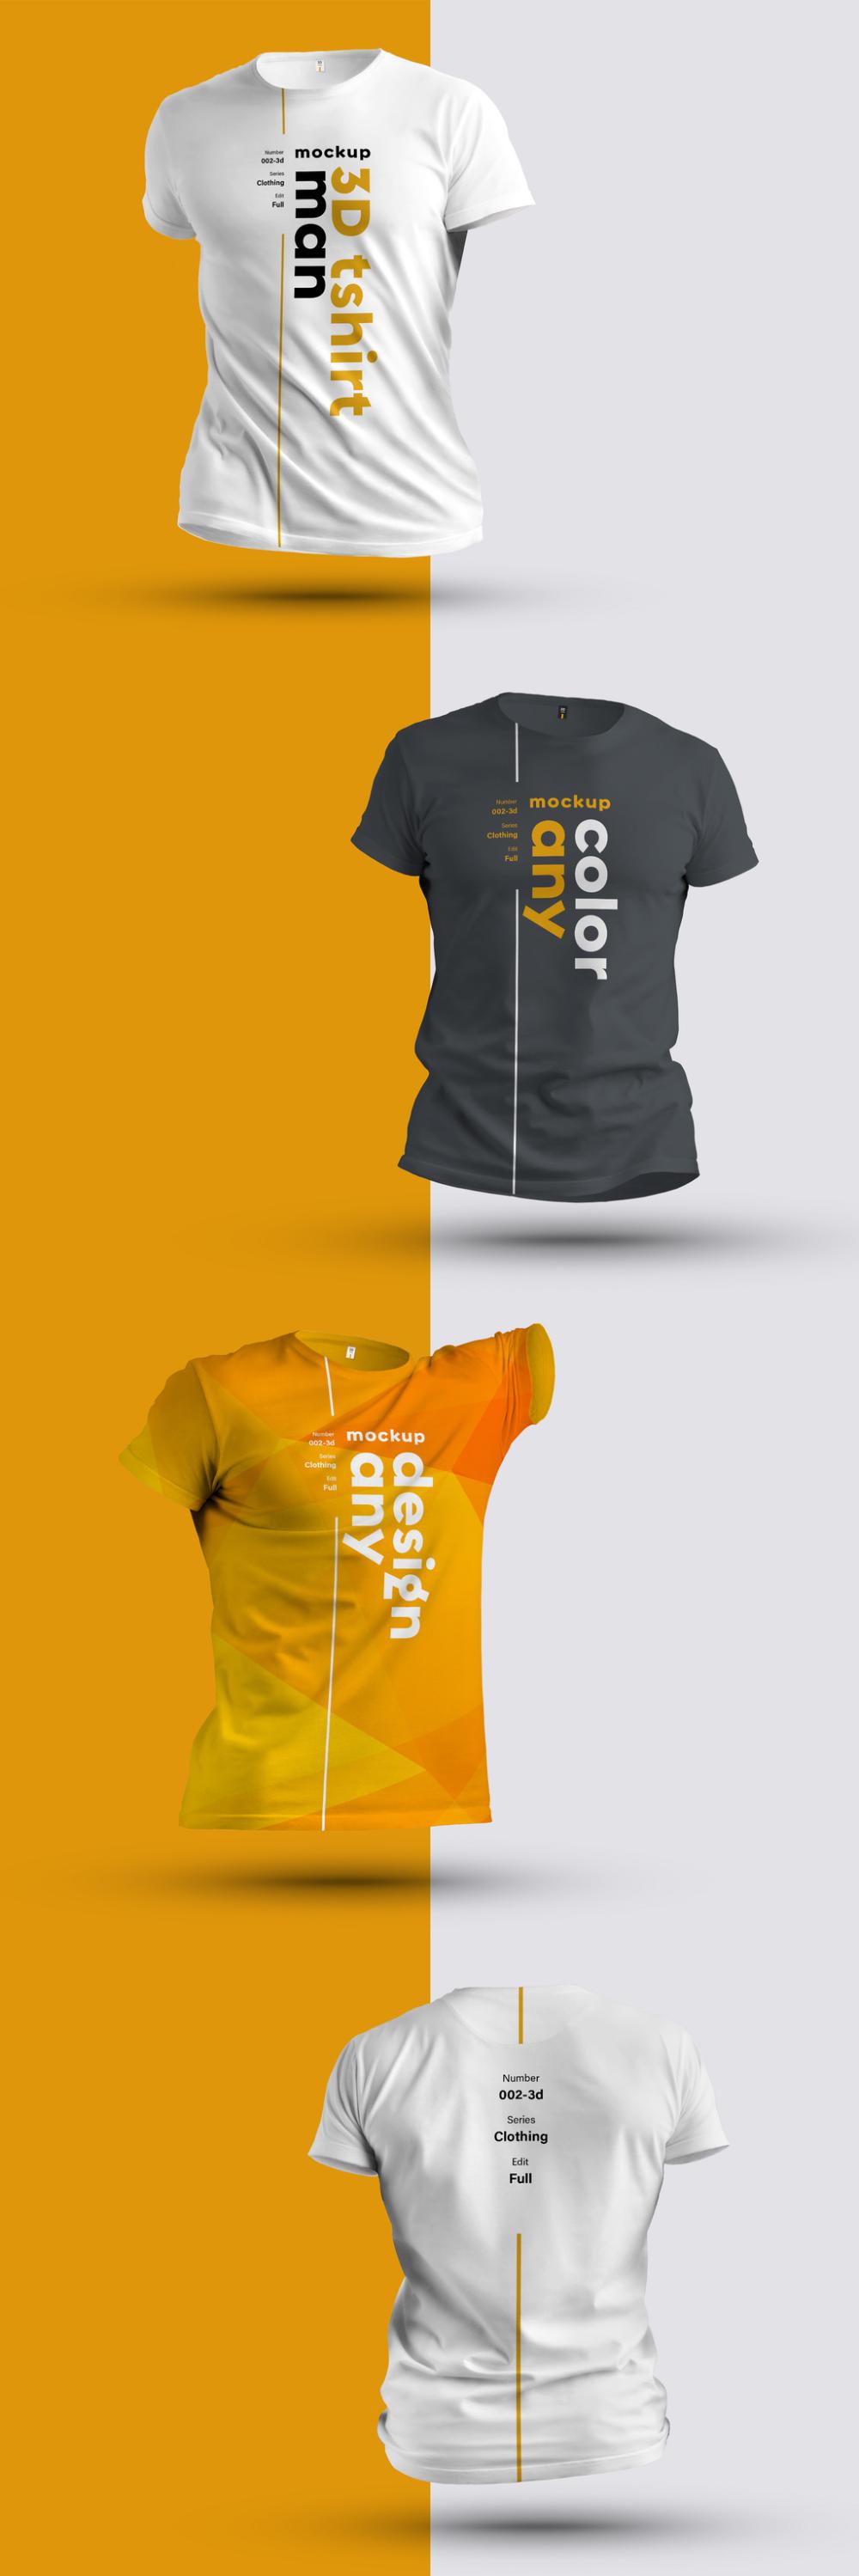 Download Stock Photos Royalty Free Images Graphics Vectors Videos Shirt Mockup Tshirt Mockup 3d T Shirts